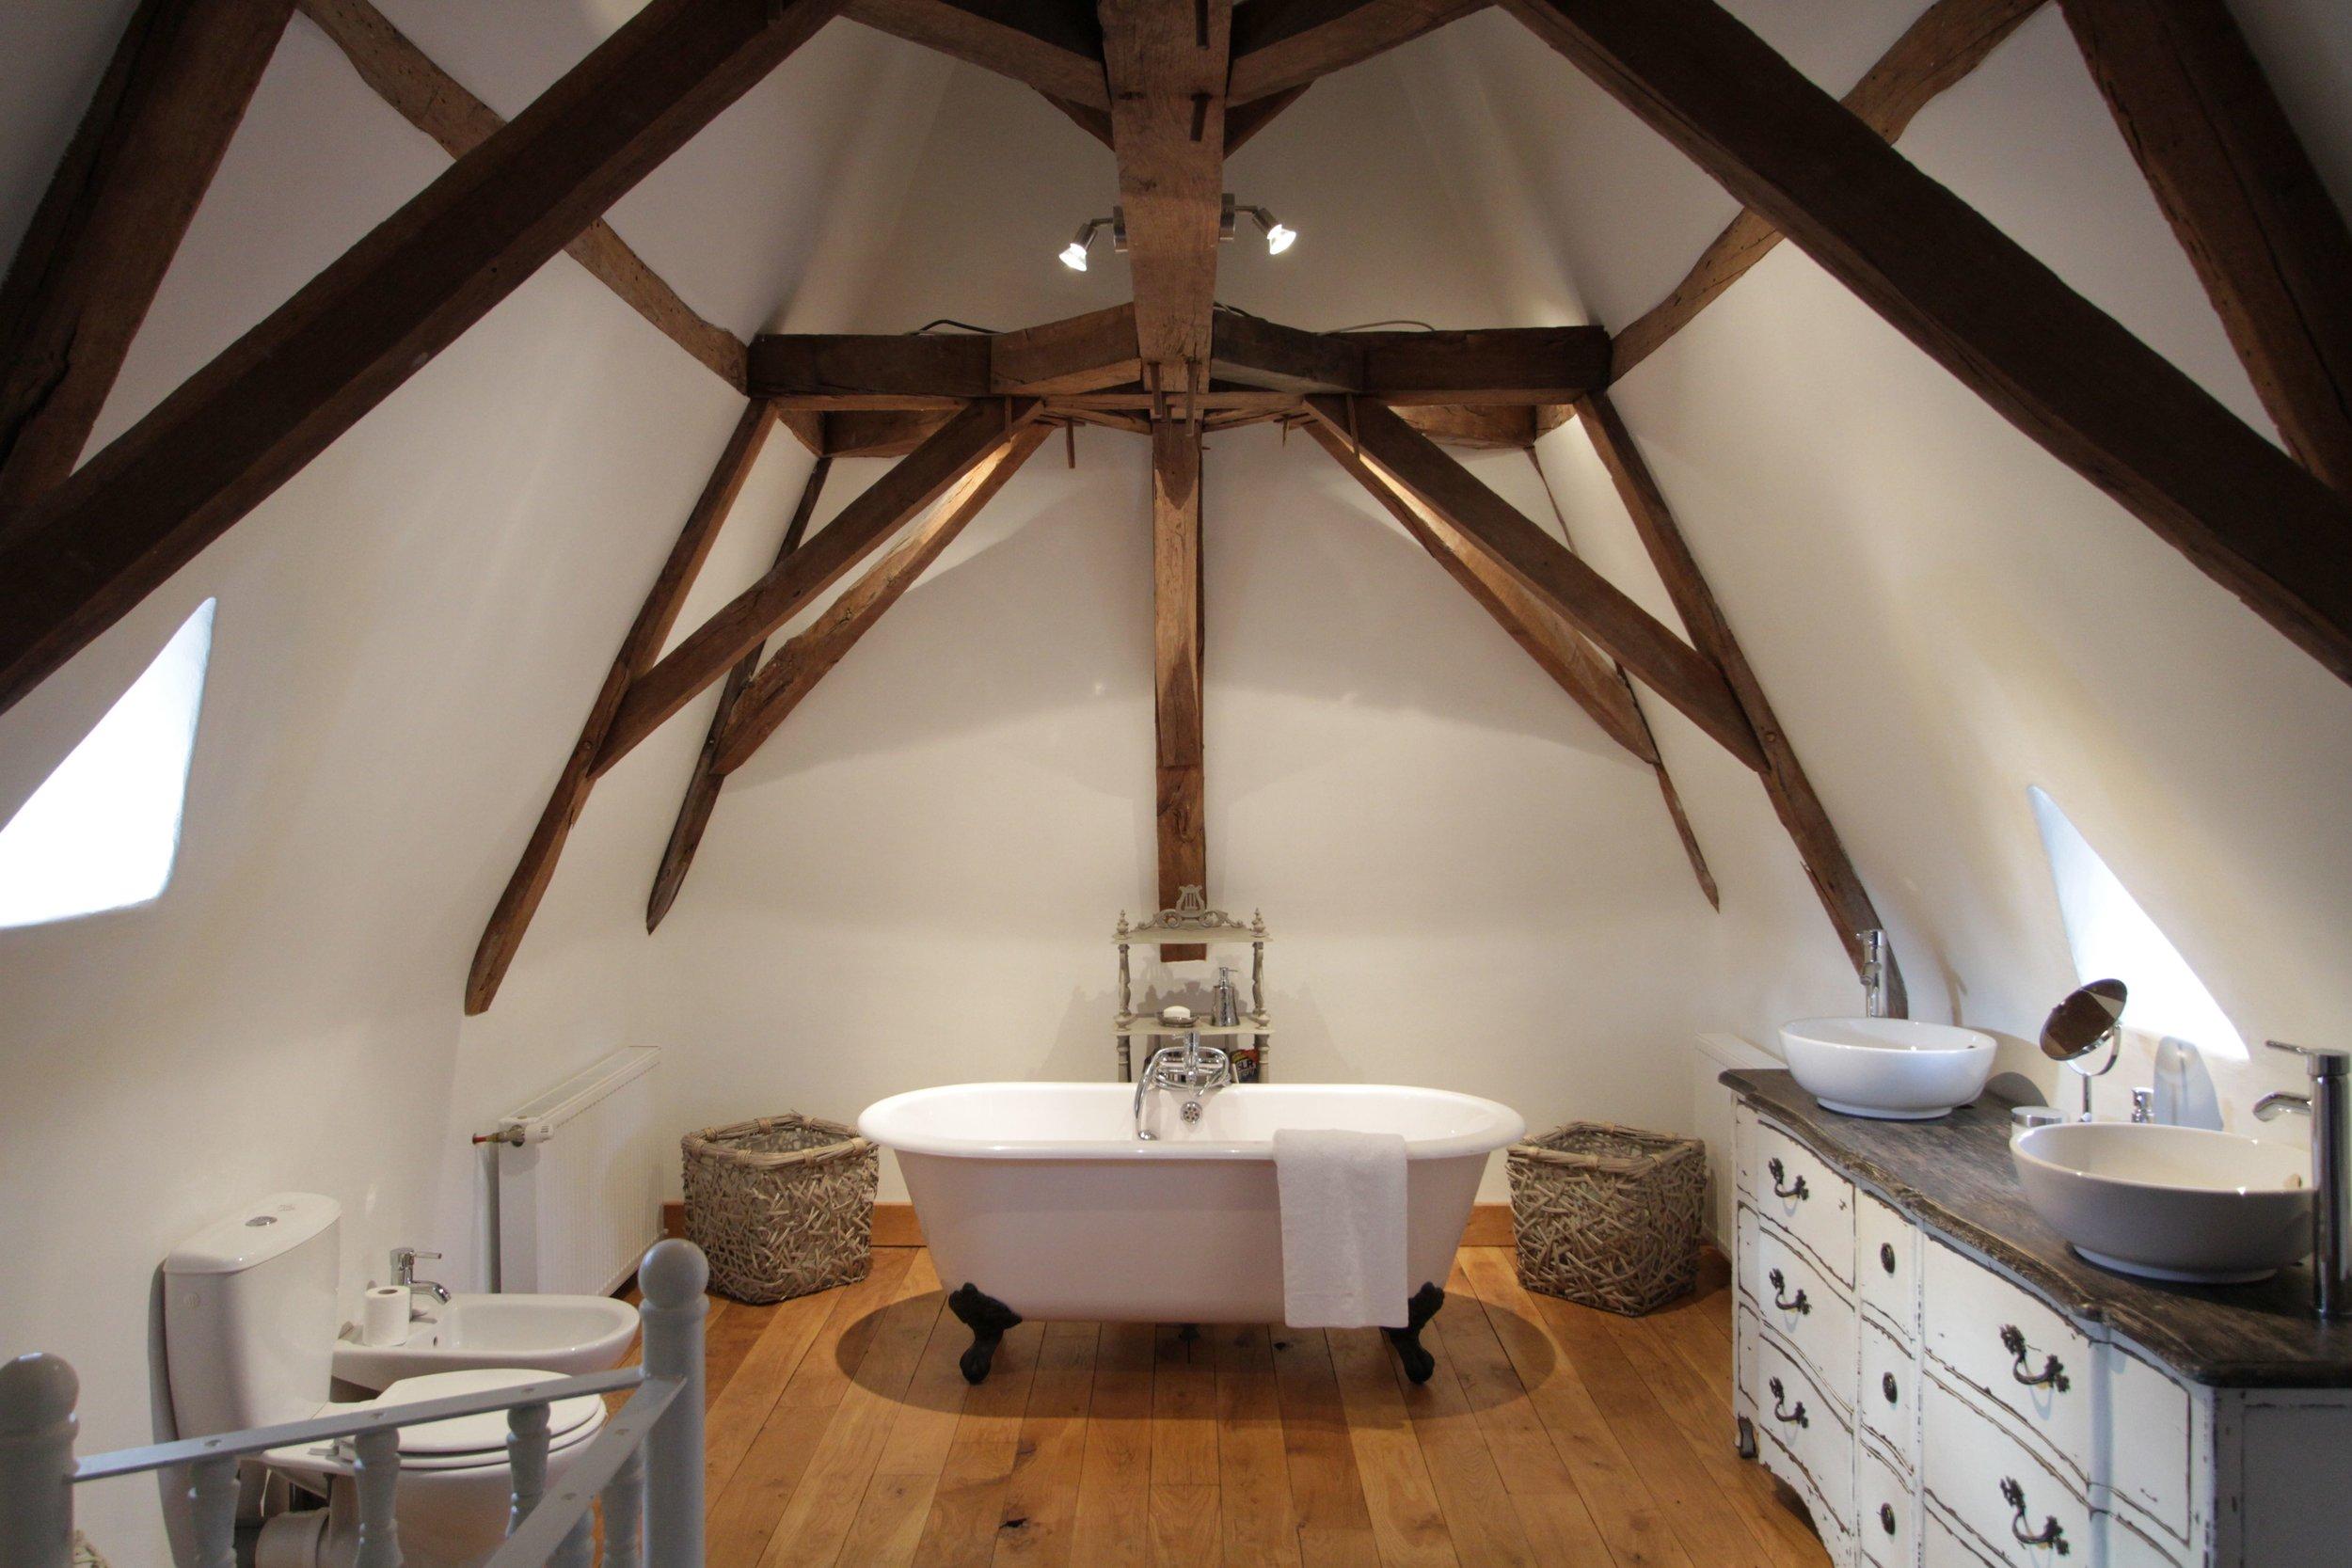 Chateau Master Bedroom Ensuite Bathroom.jpg